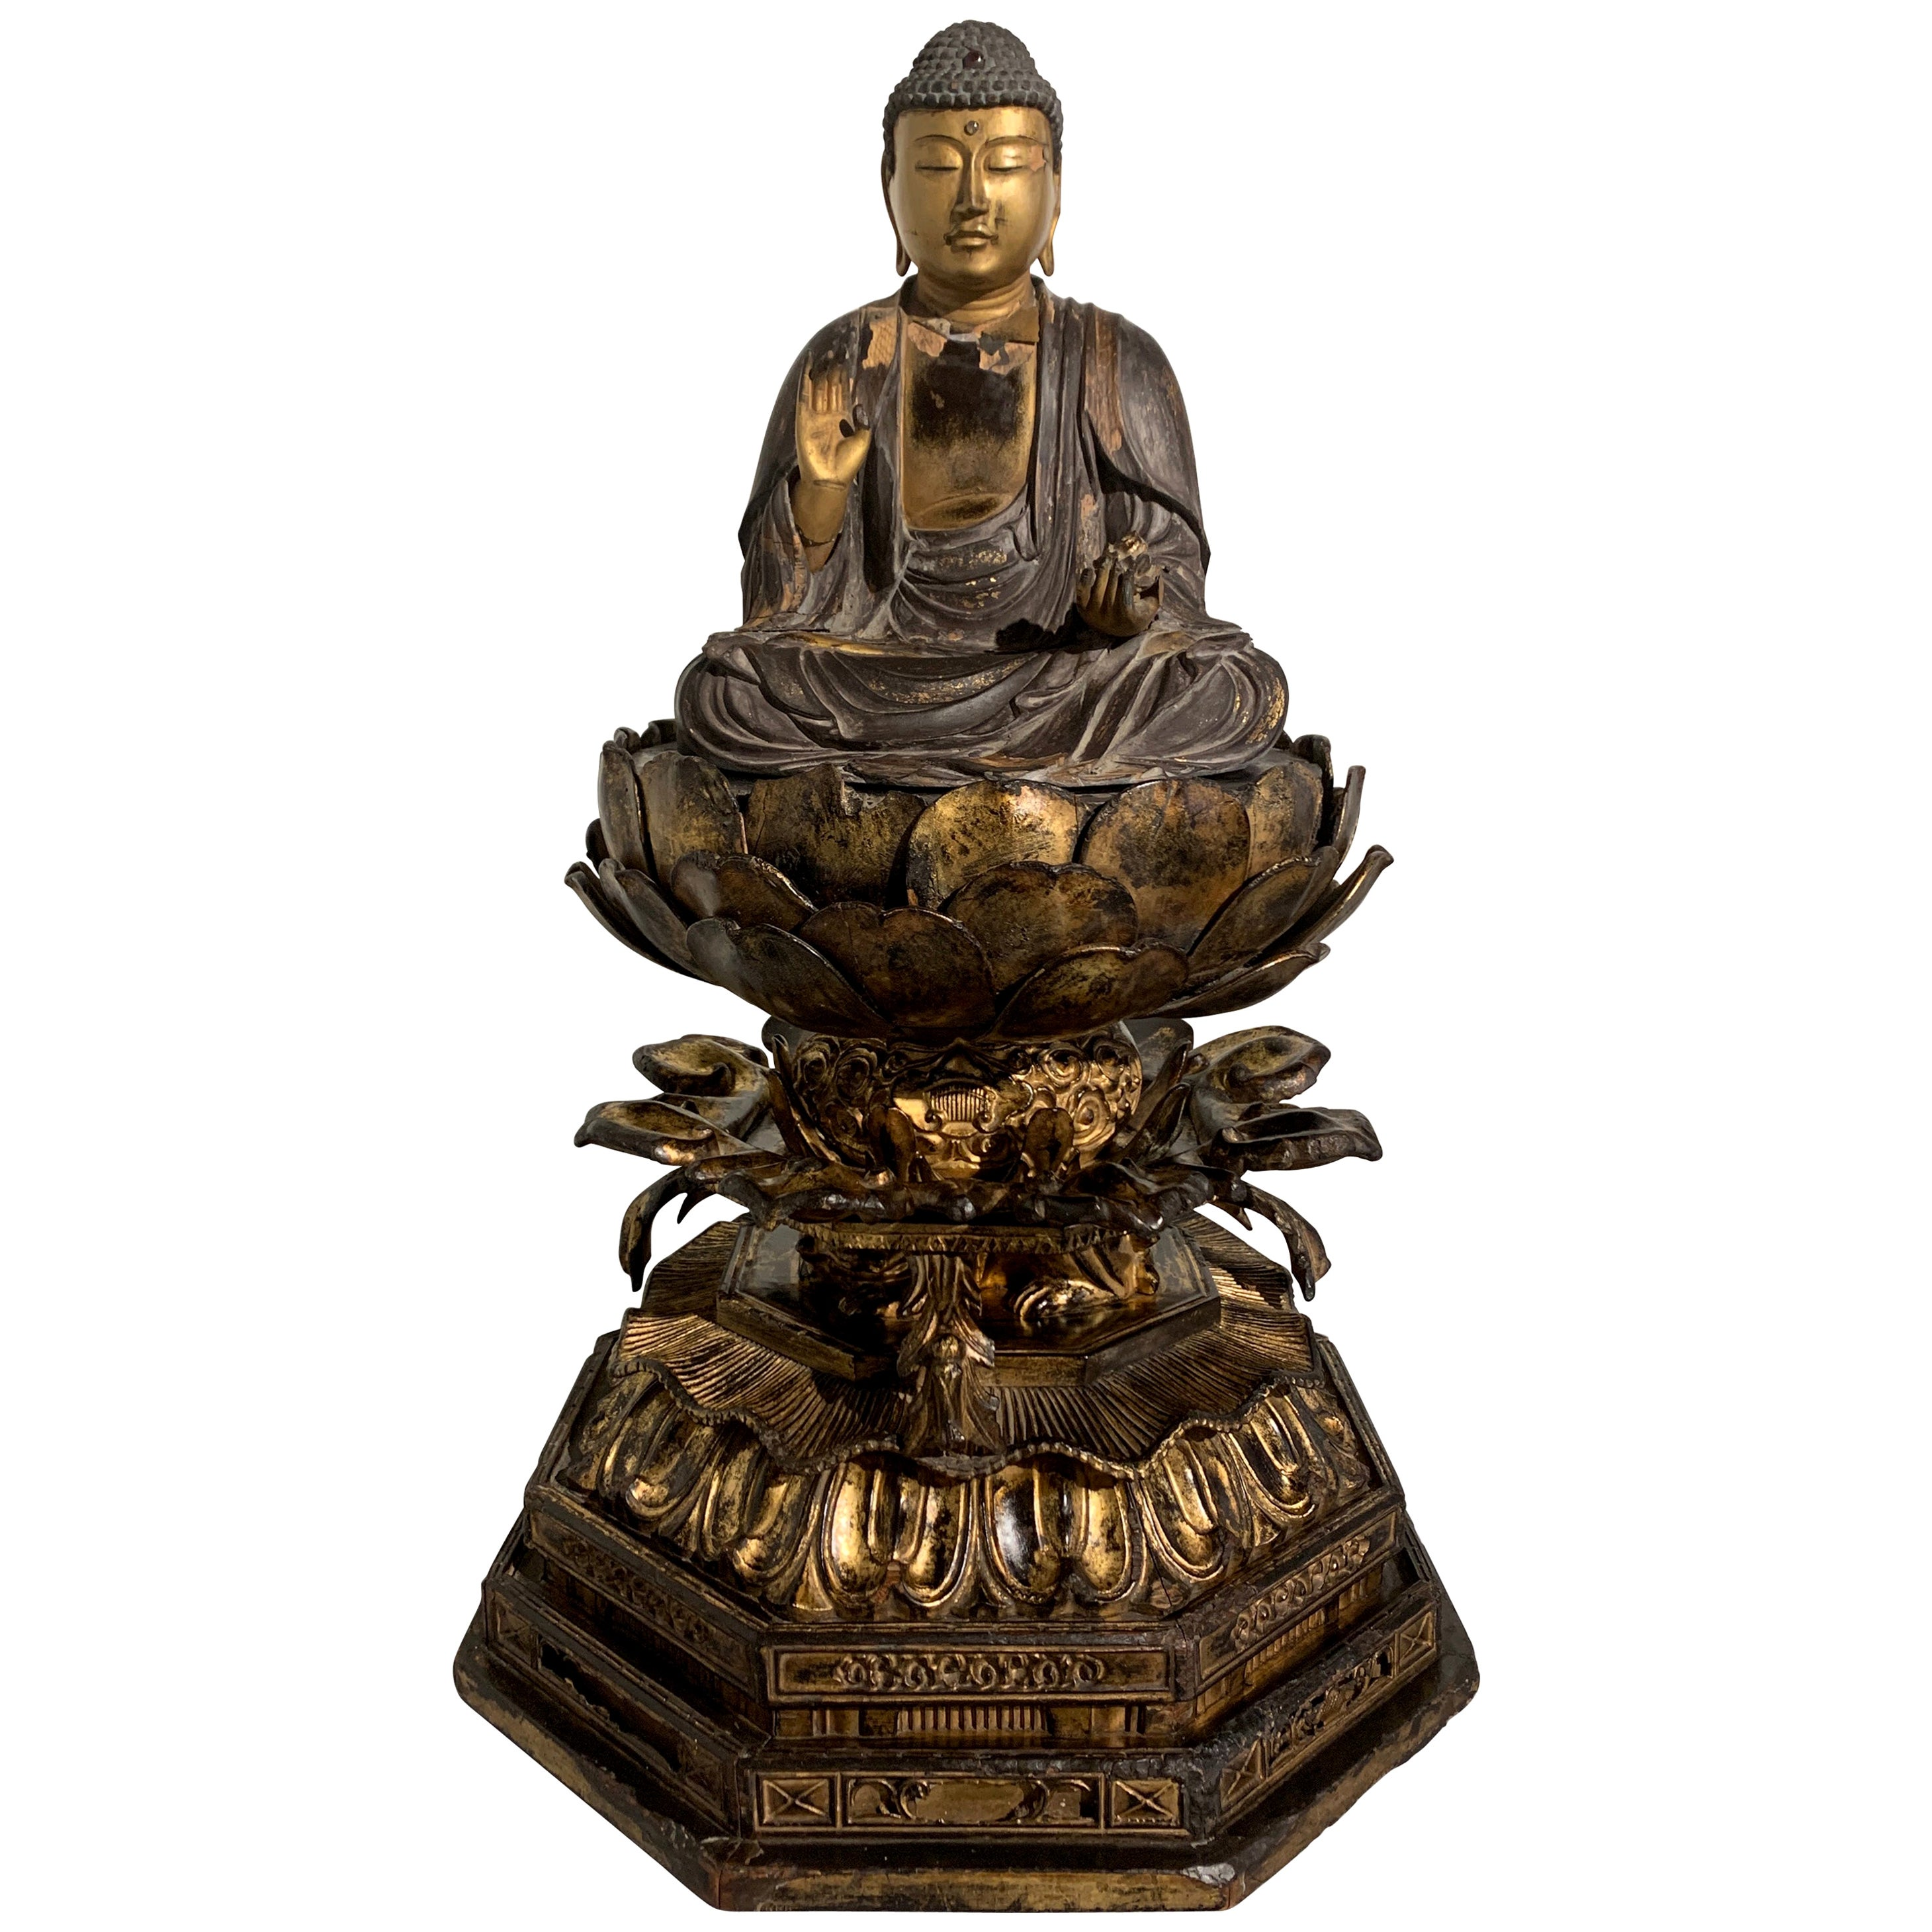 Japanese Giltwood Medicine Buddha, Yakushi Nyorai, Muromachi Period 16th Century